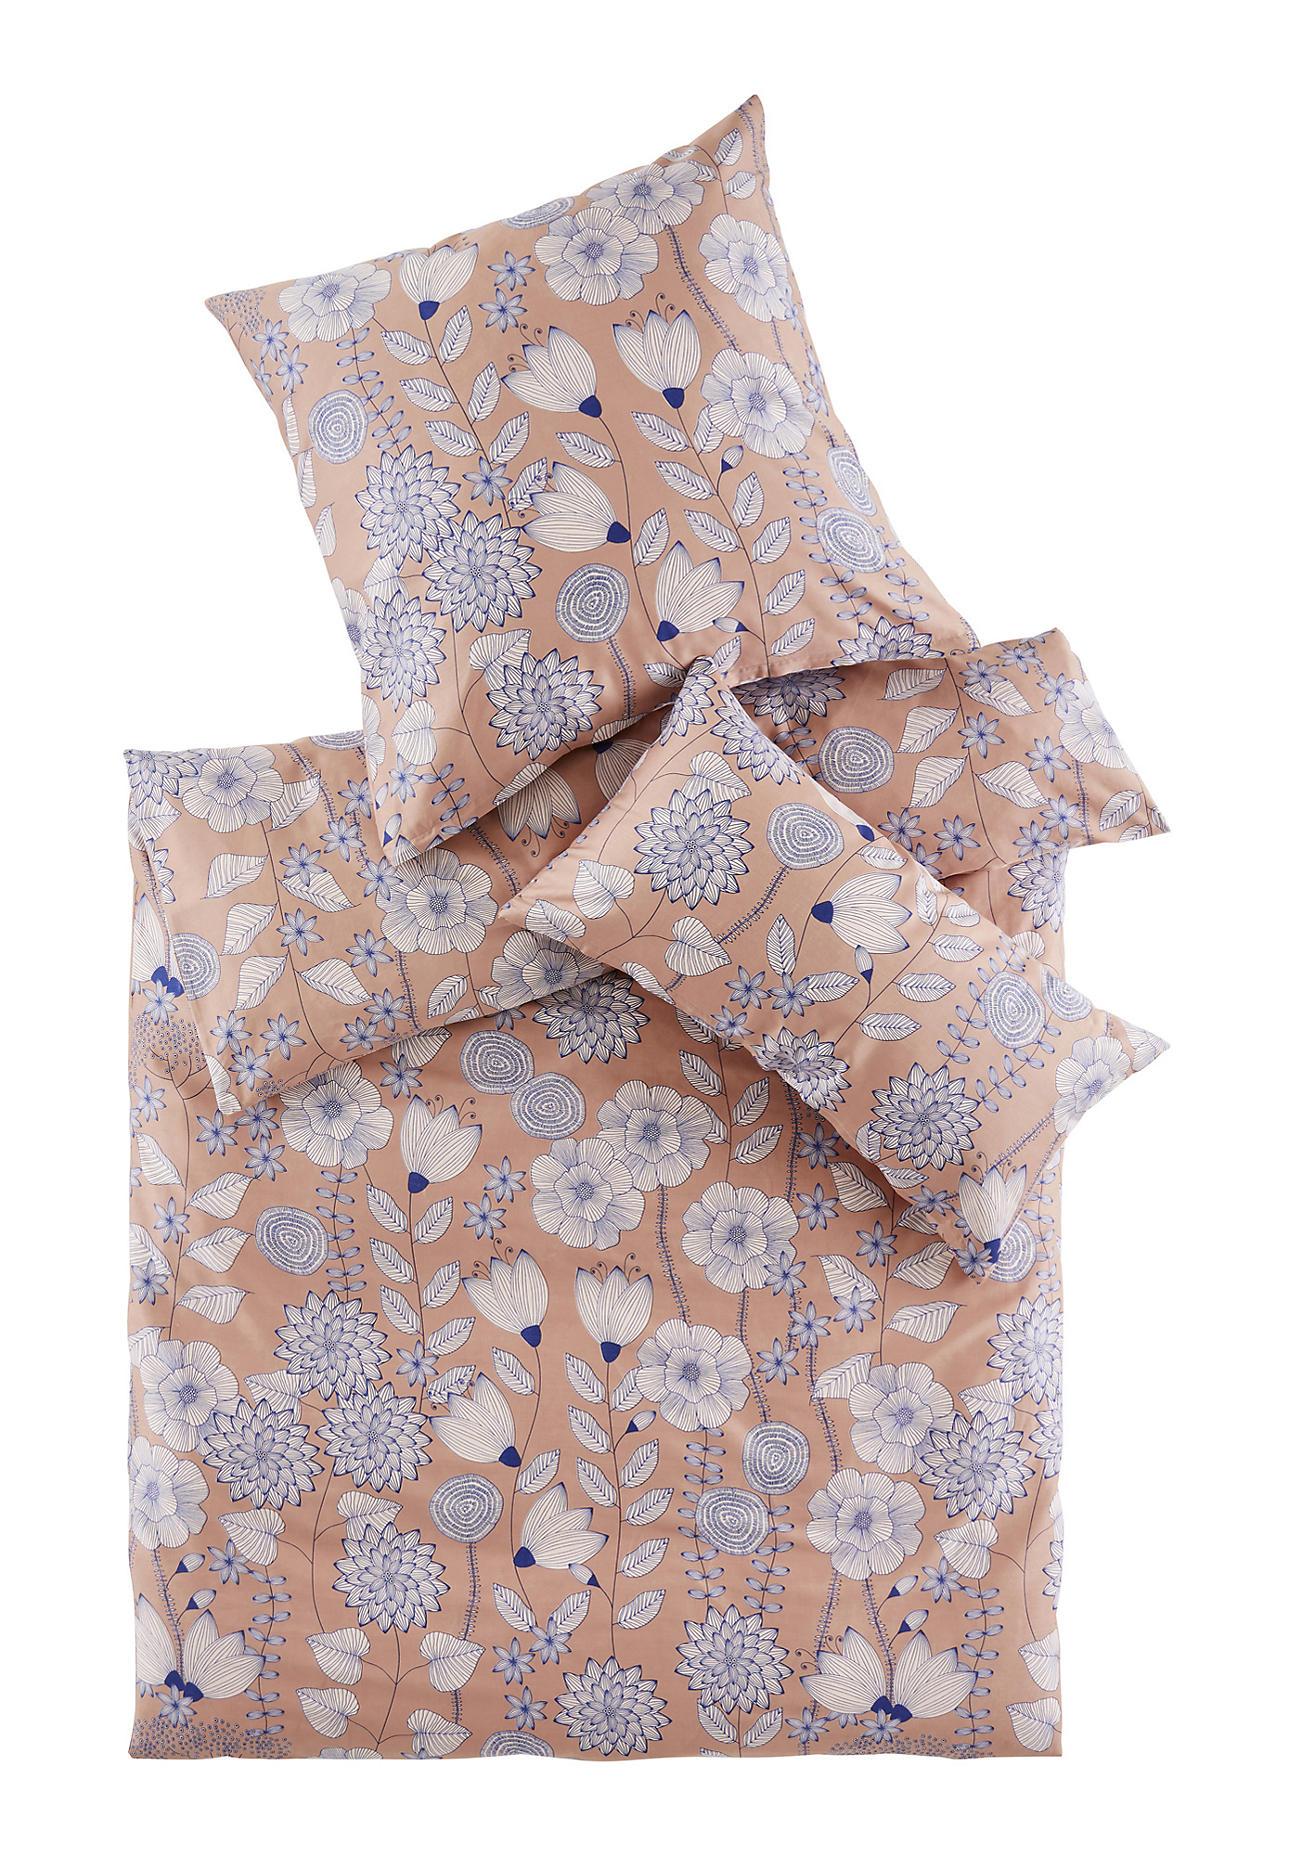 hessnatur Satin-Bettwäsche Akina aus Bio-Baumwolle – rosa – Größe 135x200+40x80 cm